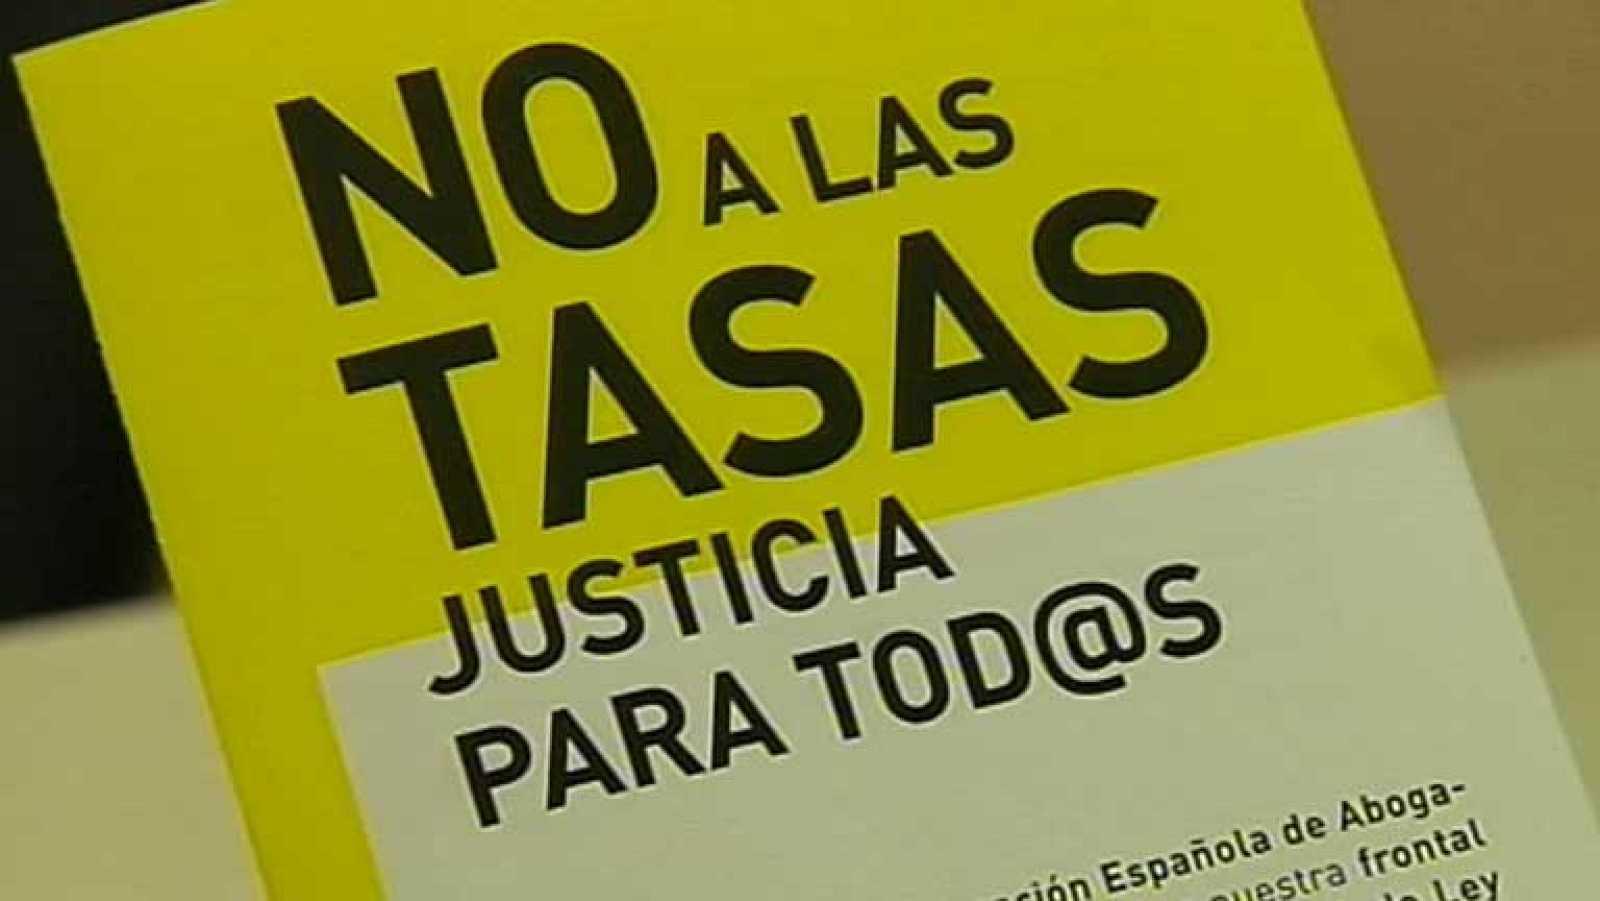 Las nuevas tasas judiciales suponen hasta 750 euros por recurrir en los tribunales